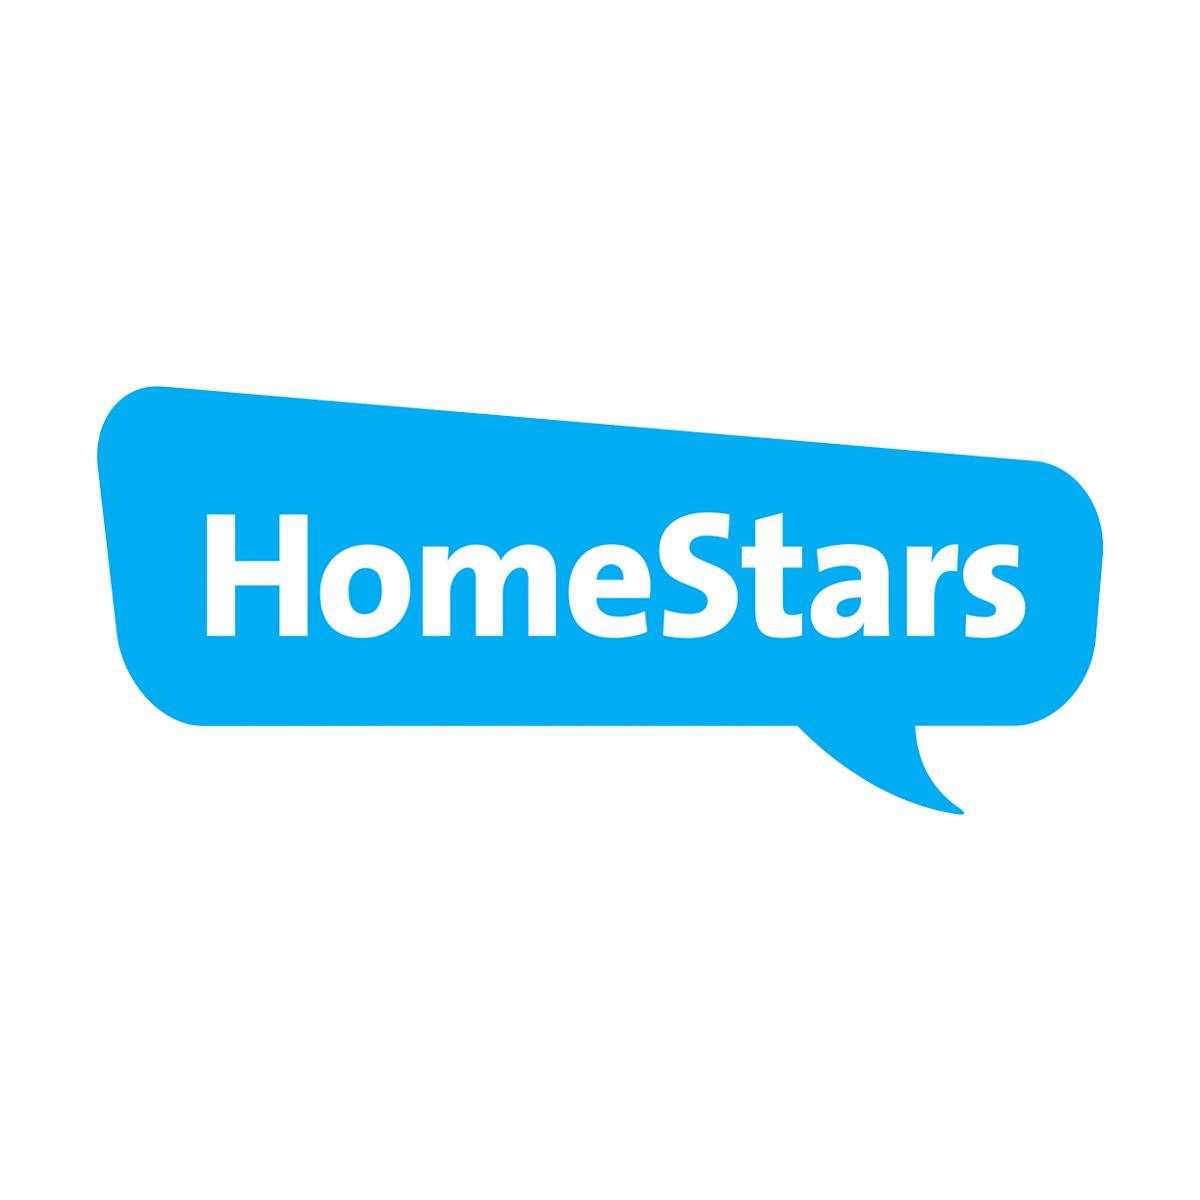 Homestars Best Of Interior Design Award